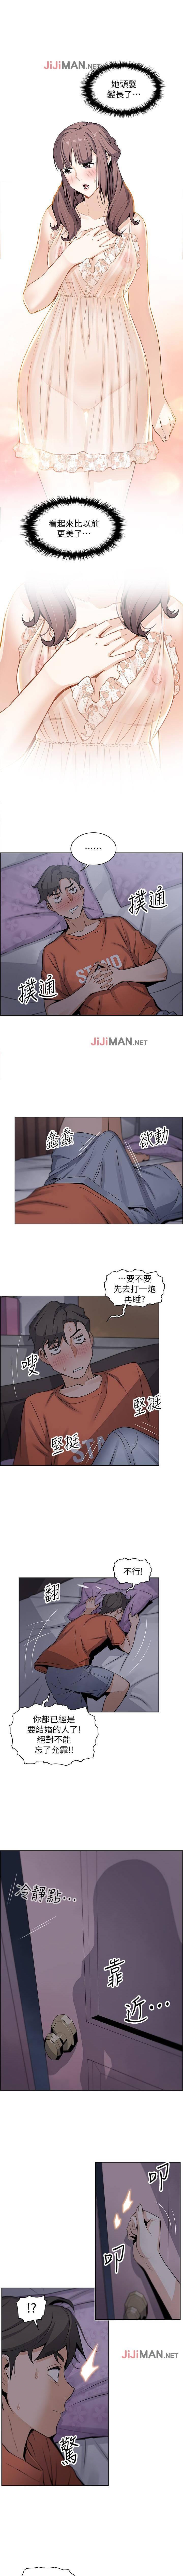 【周四连载】前女友变女佣(作者:PAPER&頸枕) 第1~33话 82